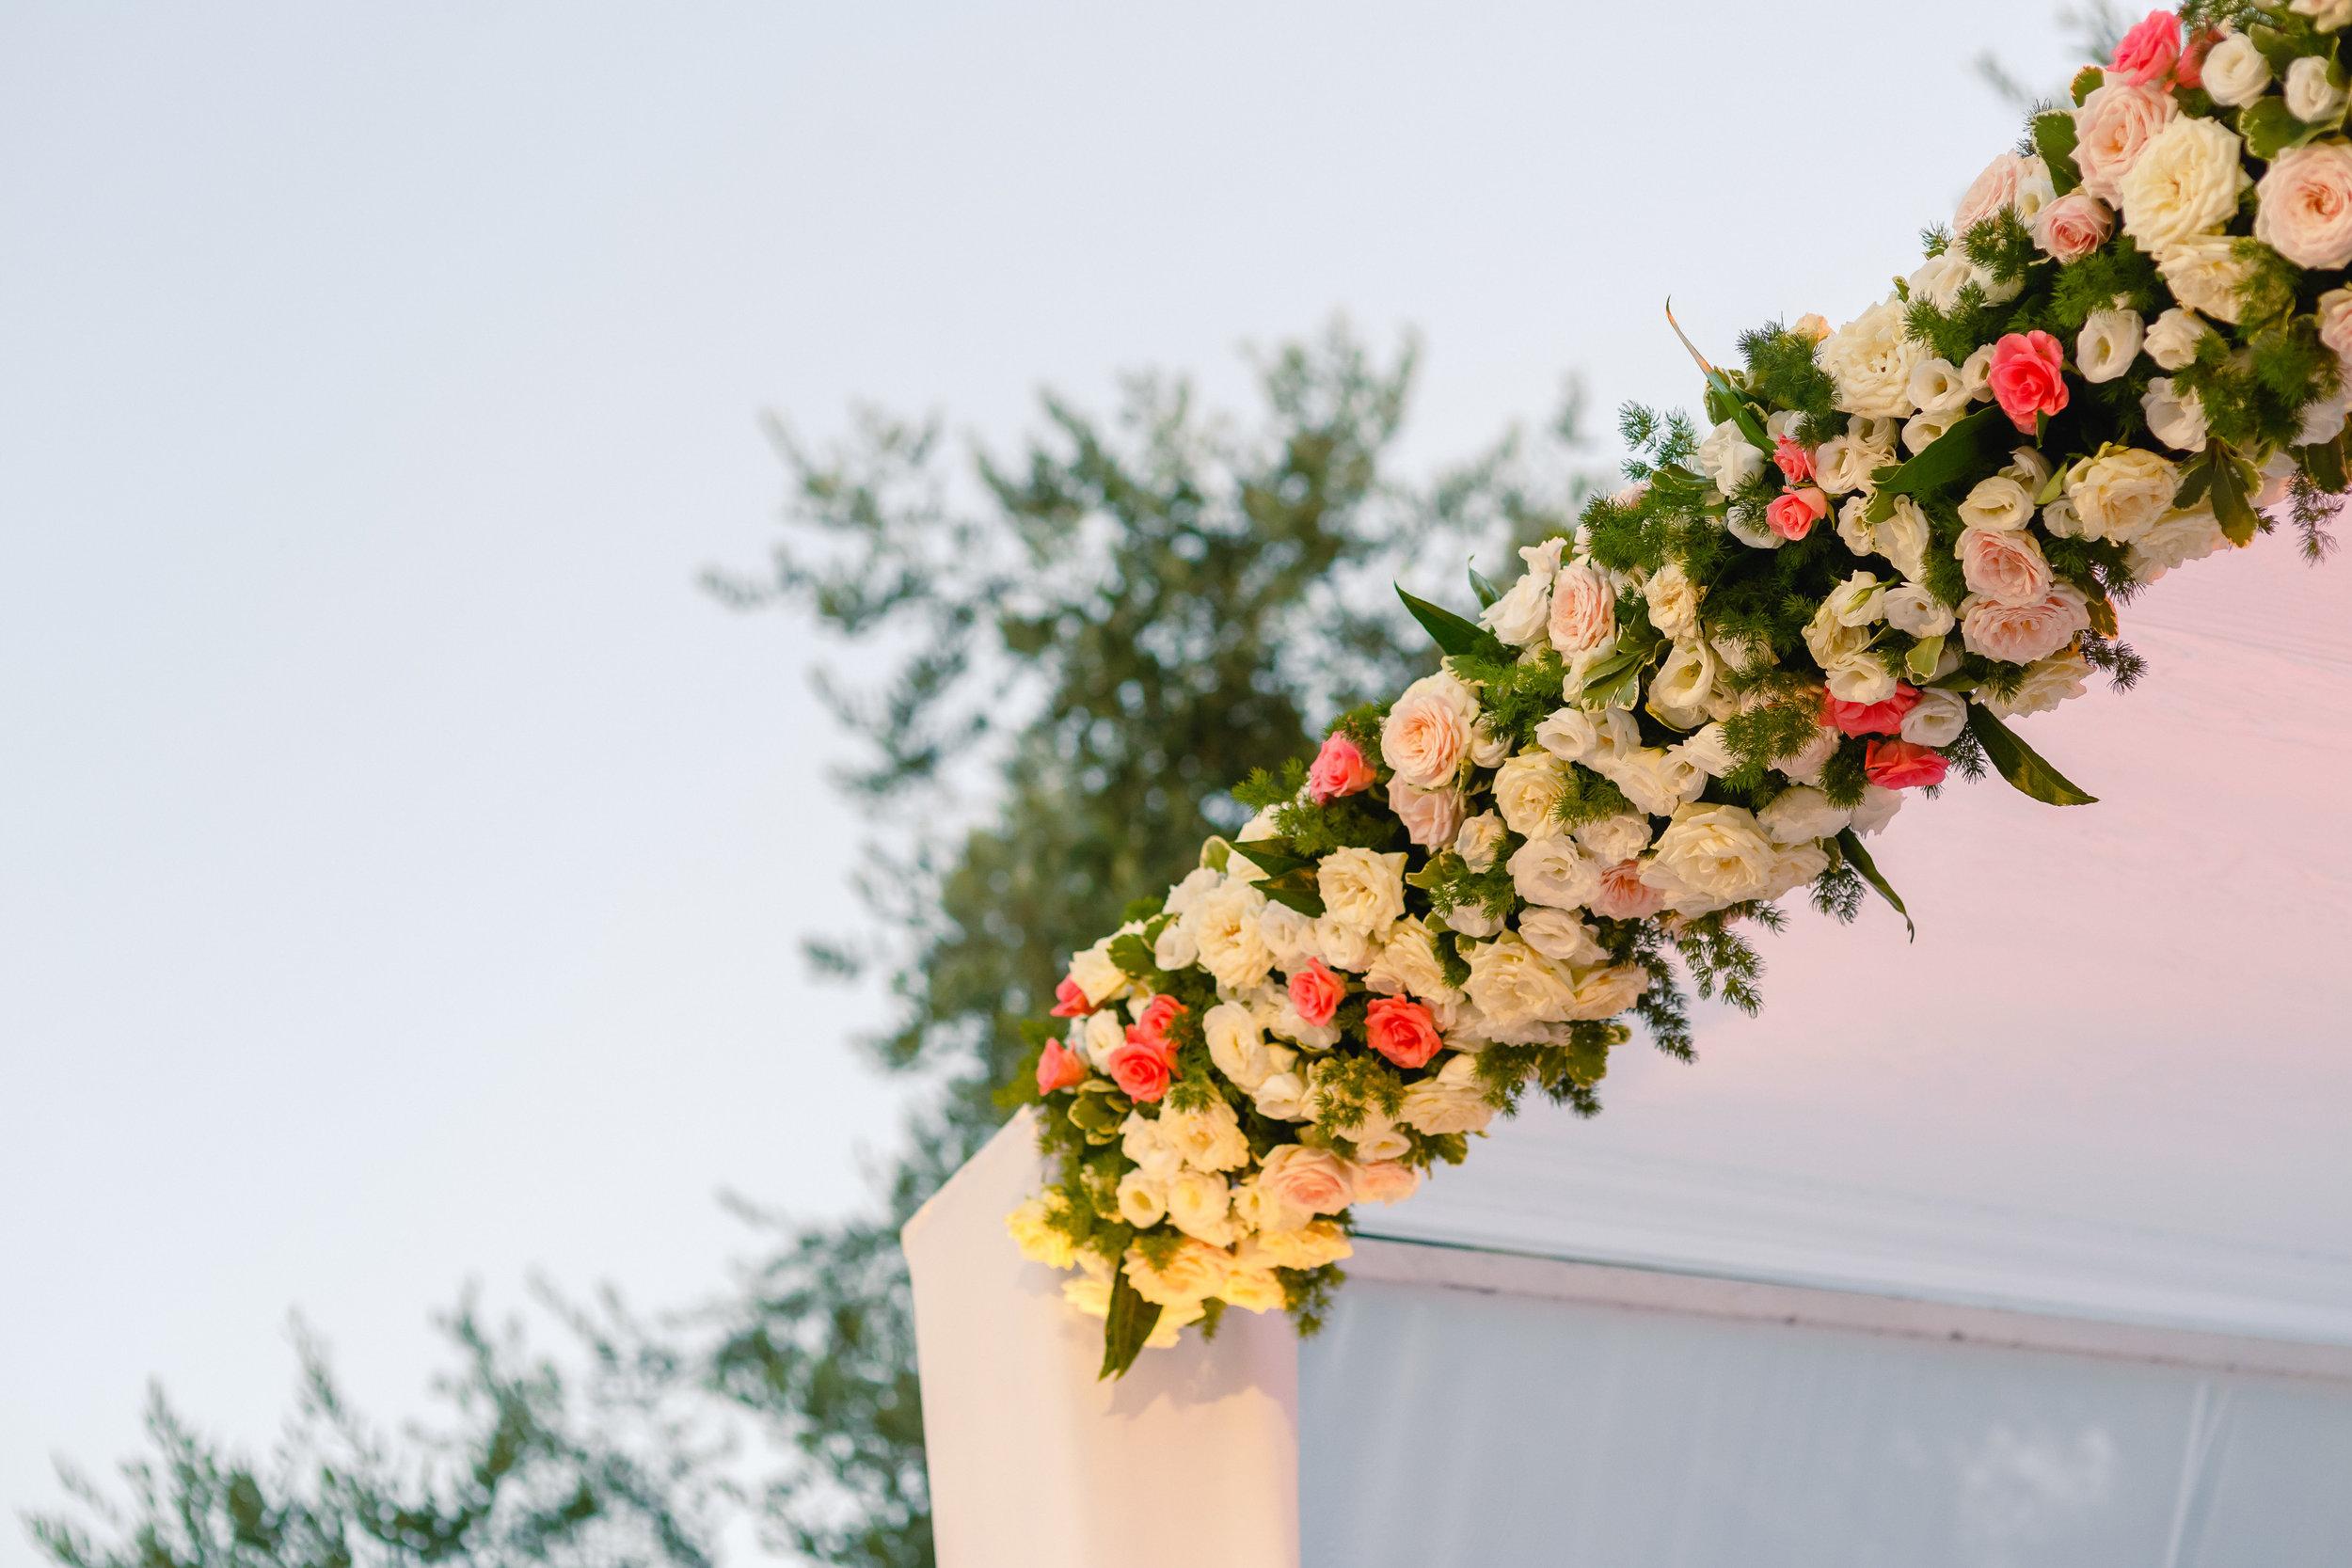 0088_Rinat + Matan wedding story_519.jpg